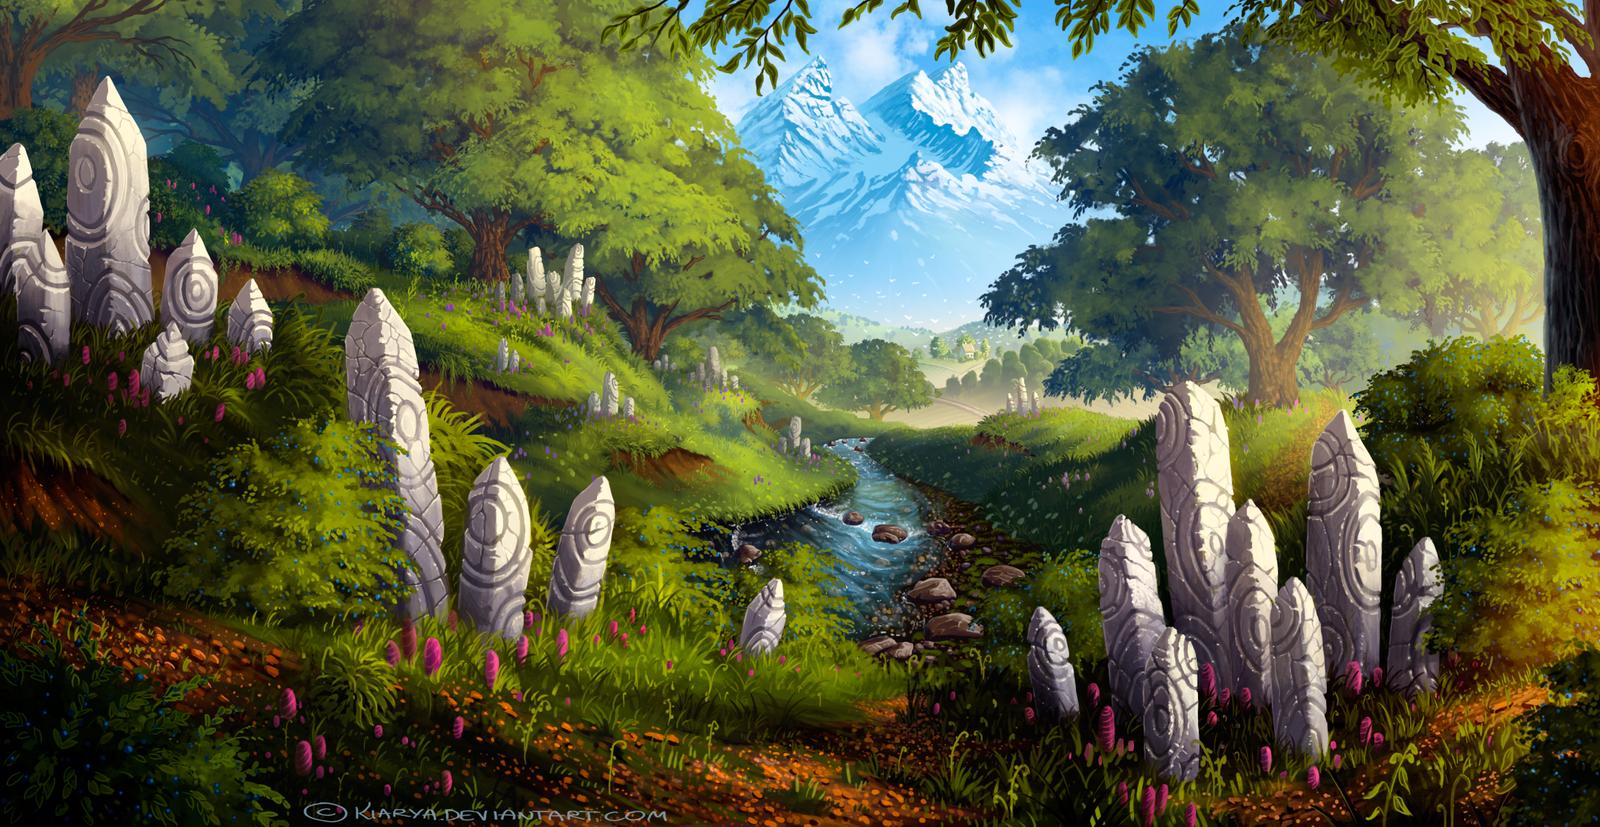 Forest Stream by Kiarya